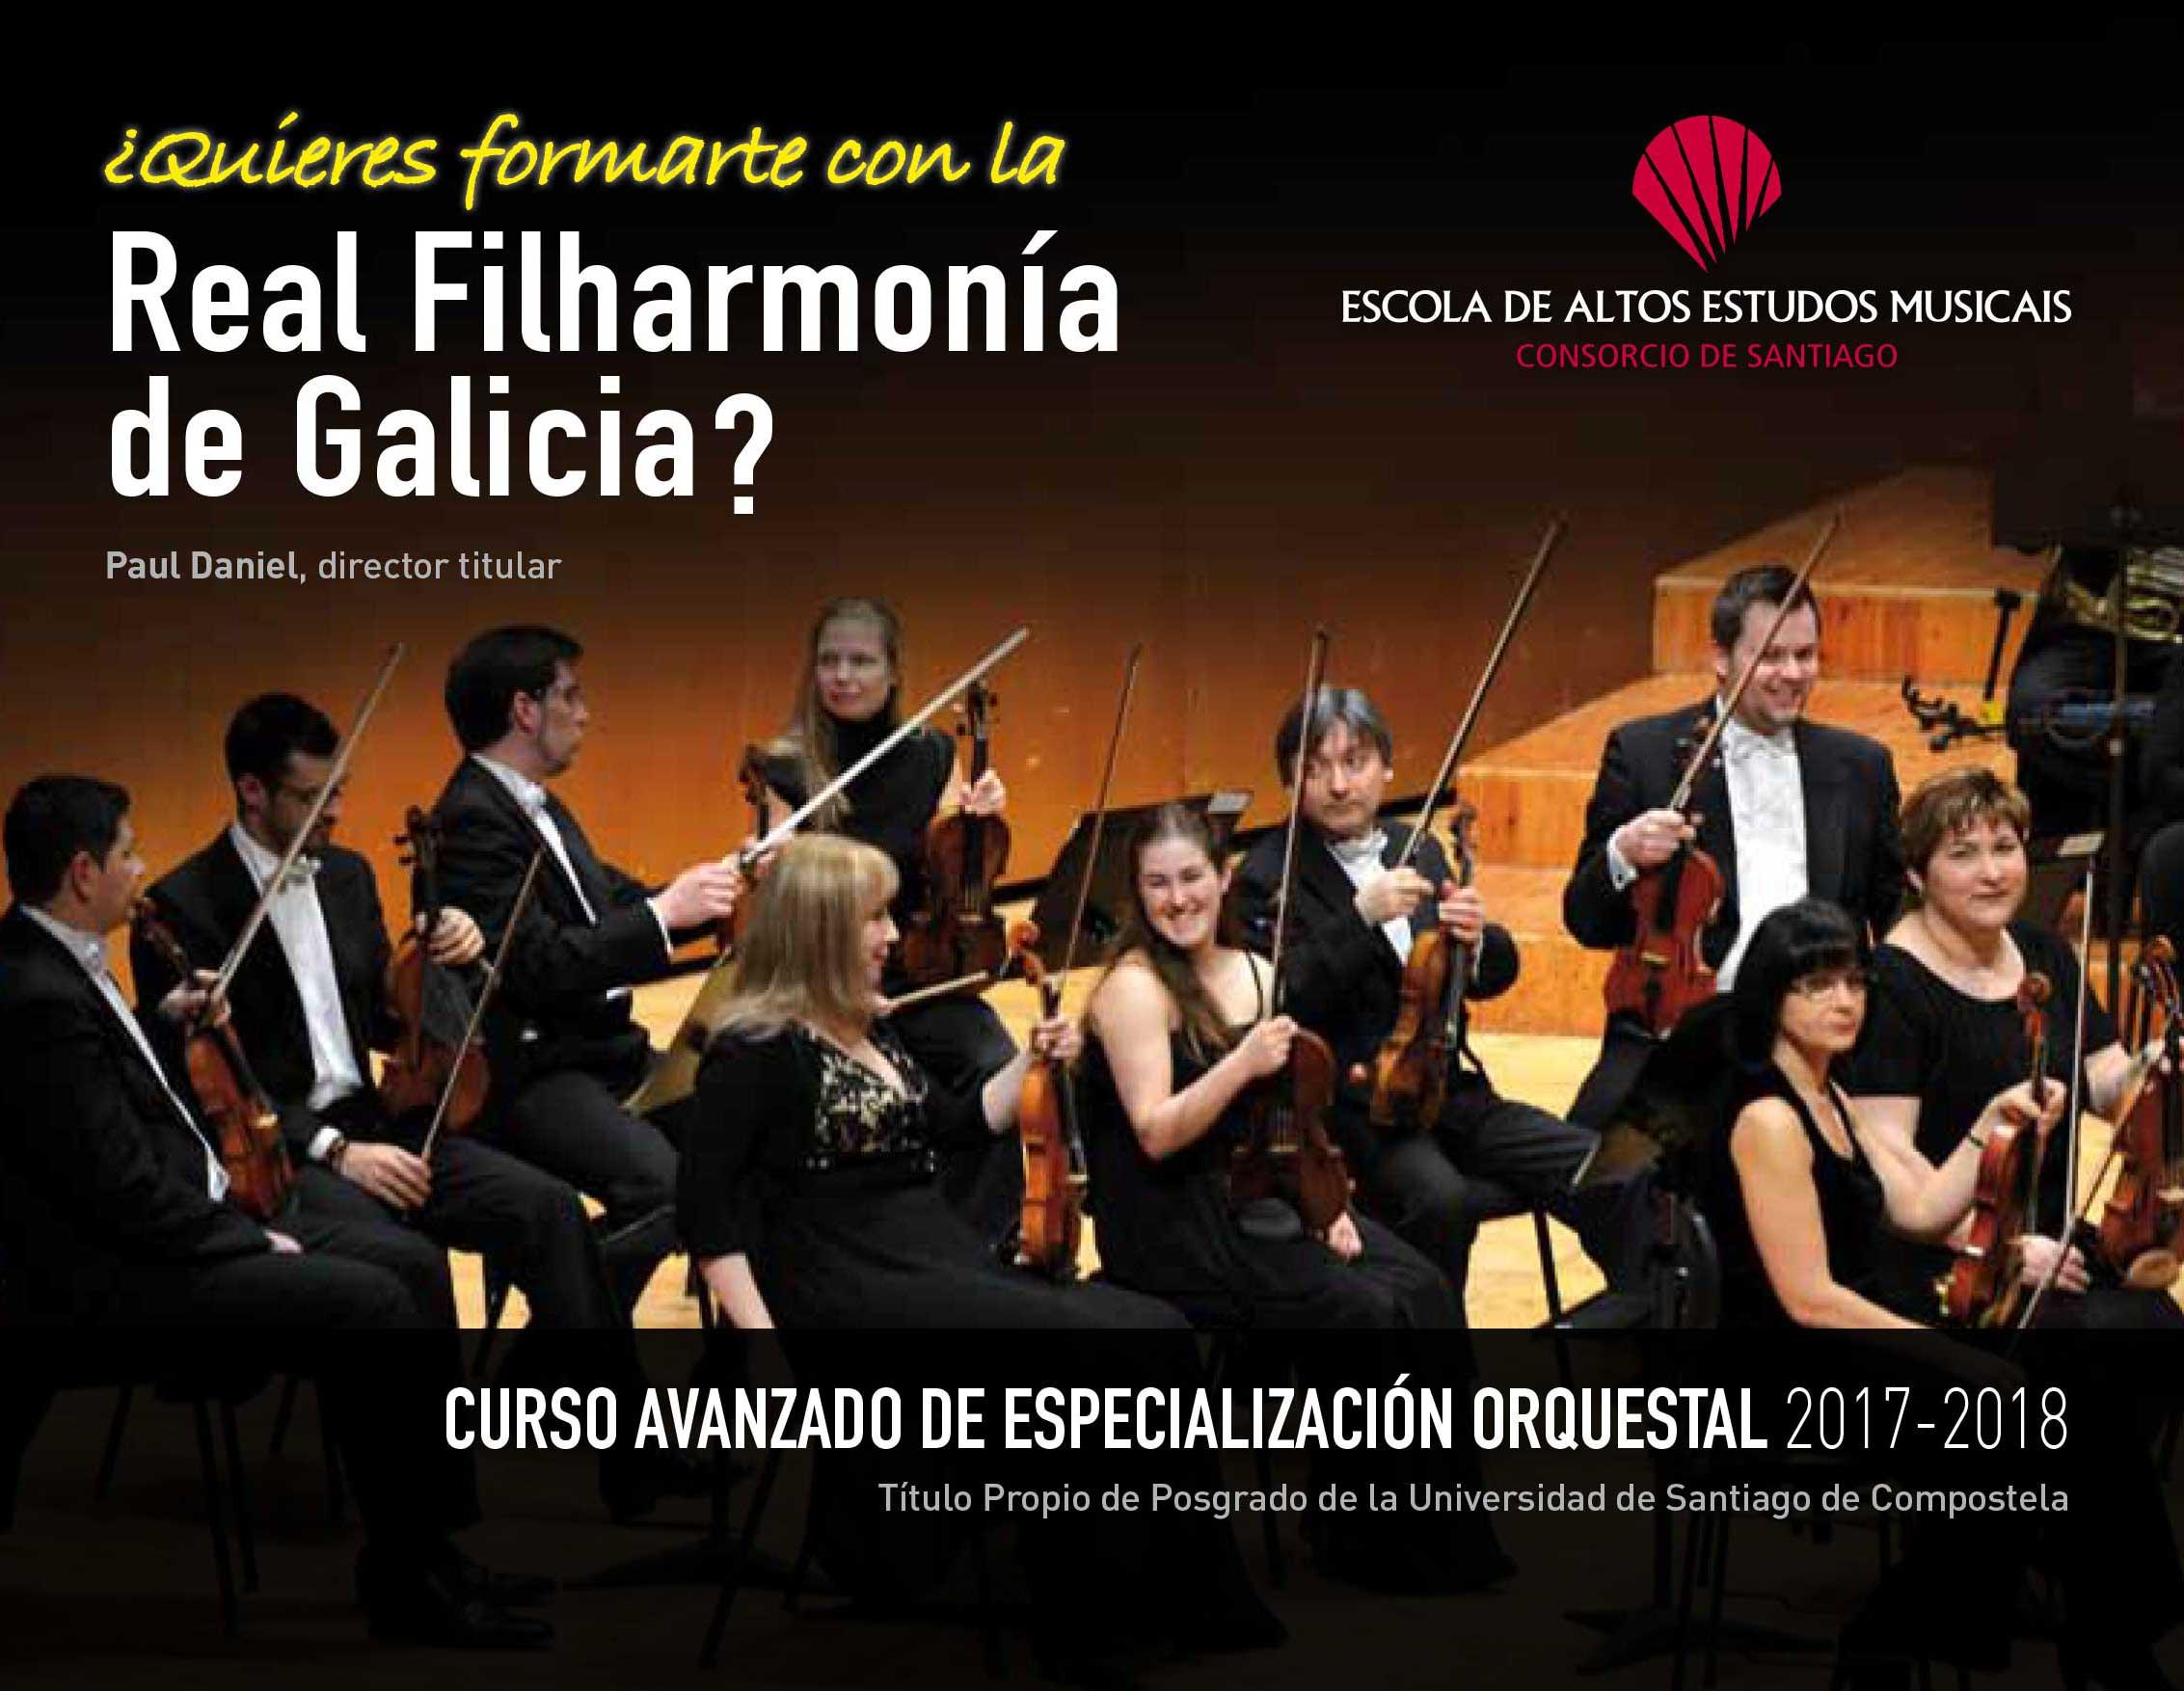 Http://www.eaem.es/es/concertos/curso-avanzado-de-especializacion-orquestal